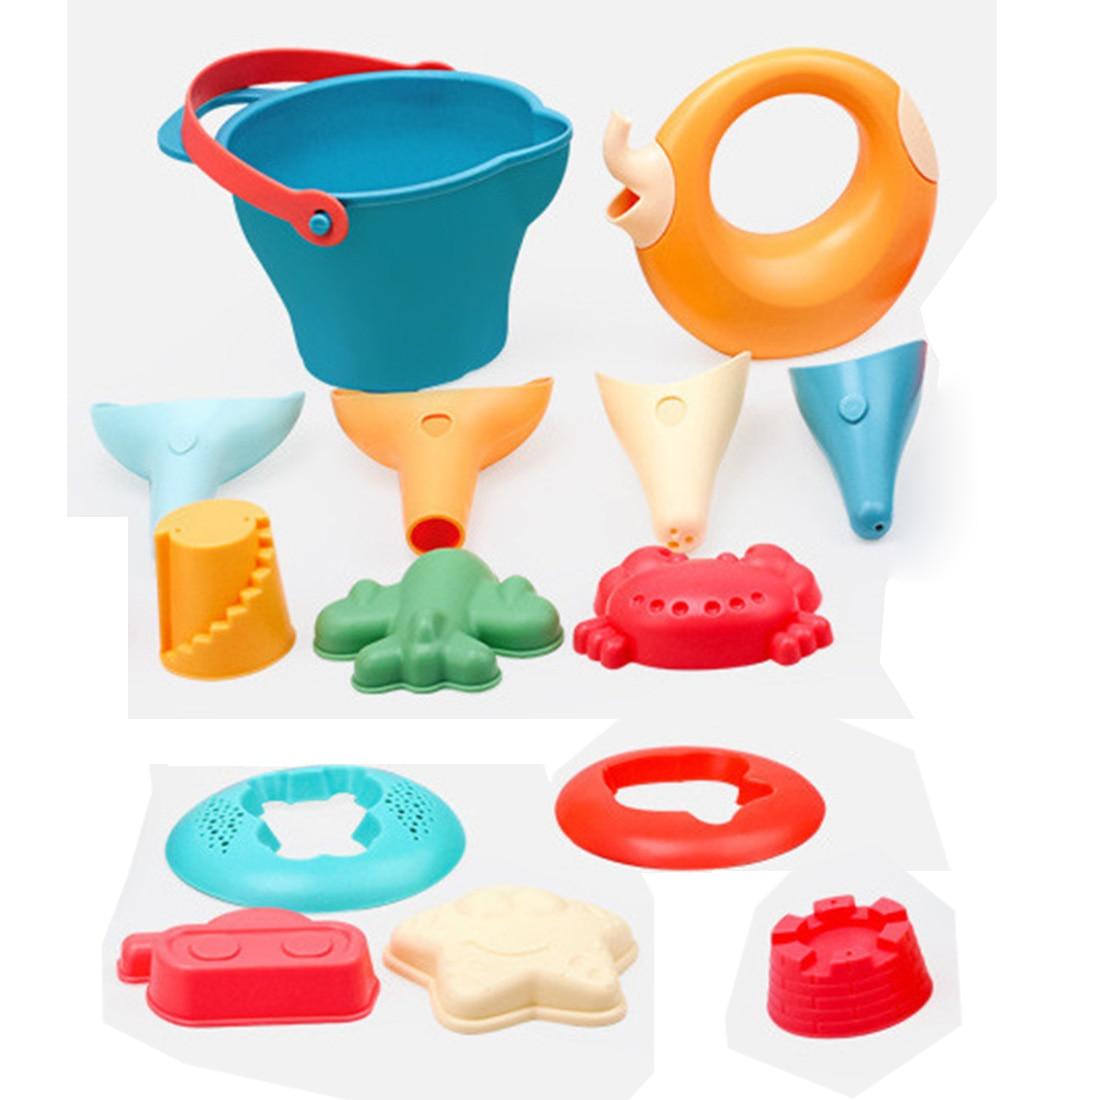 2020 Summer 14Pcs/set Soft Rubber Outdoor Beach Sand Toys Beach Bucket Playset For Kids Outdoor Fun Drop Ship